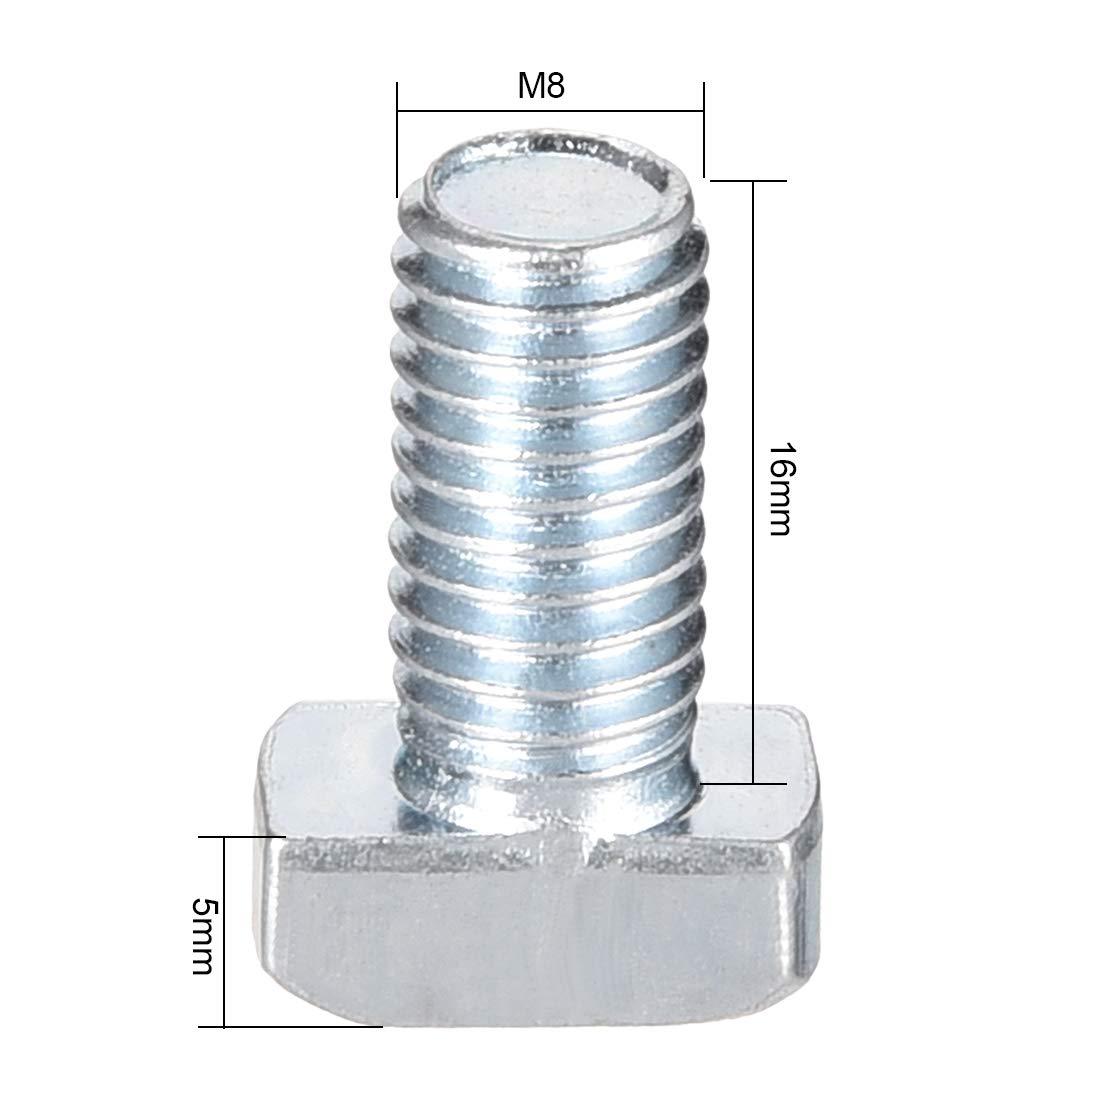 uxcell M6 Thread 16mm T-Slot Drop-in Stud Screw Bolt Carbon Steel 30 Series 20pcs